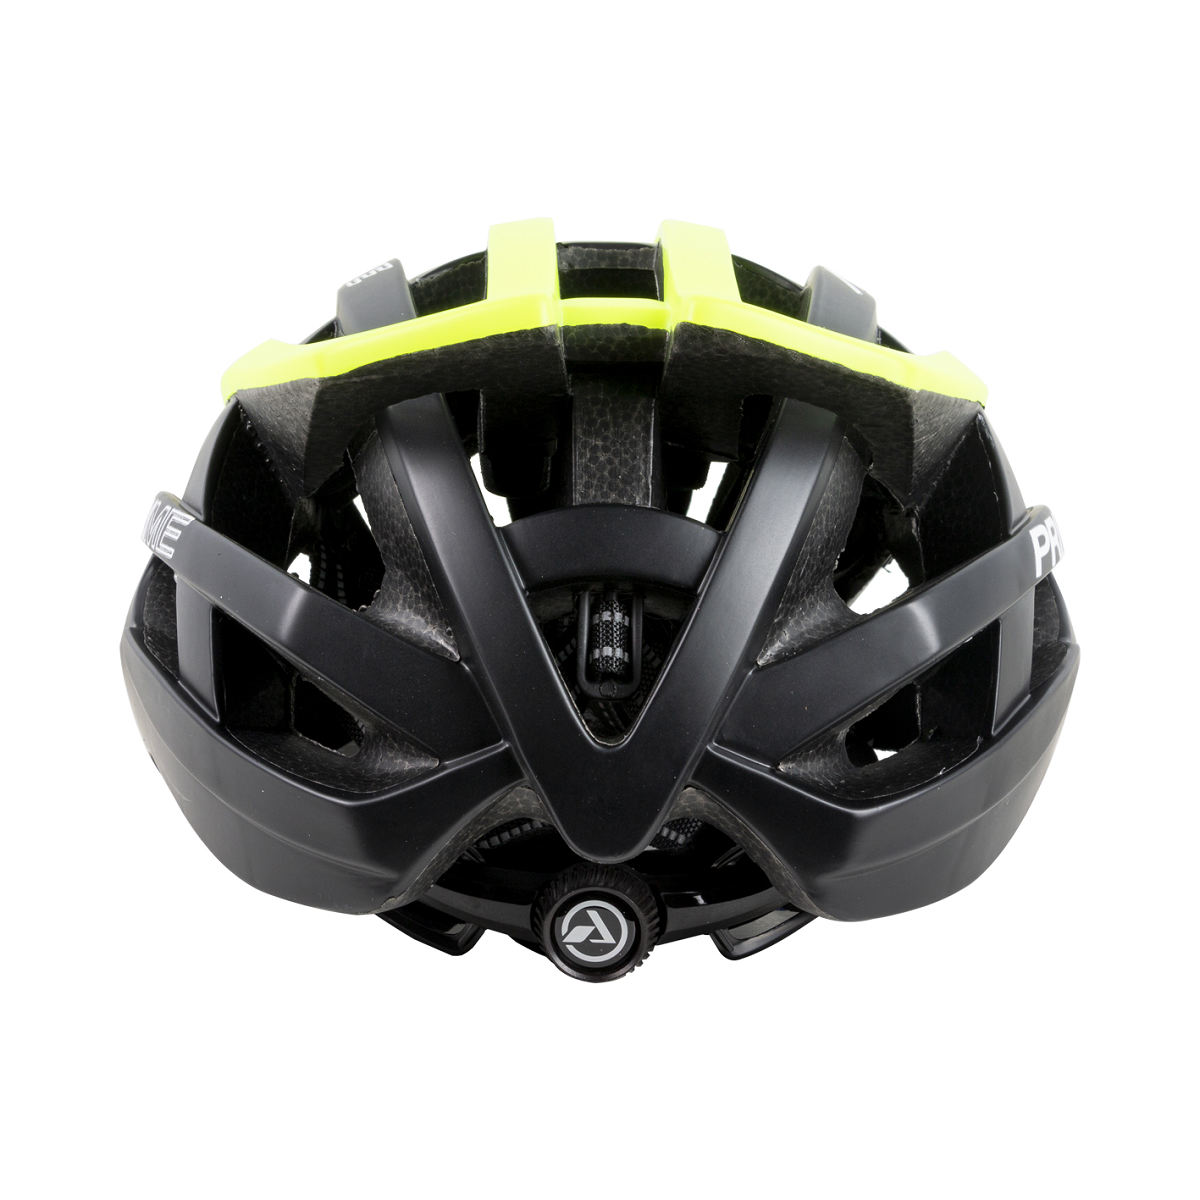 Capacete Bike MTB Speed Ciclismo Absolute Prime - Preto / Amarelo Neon